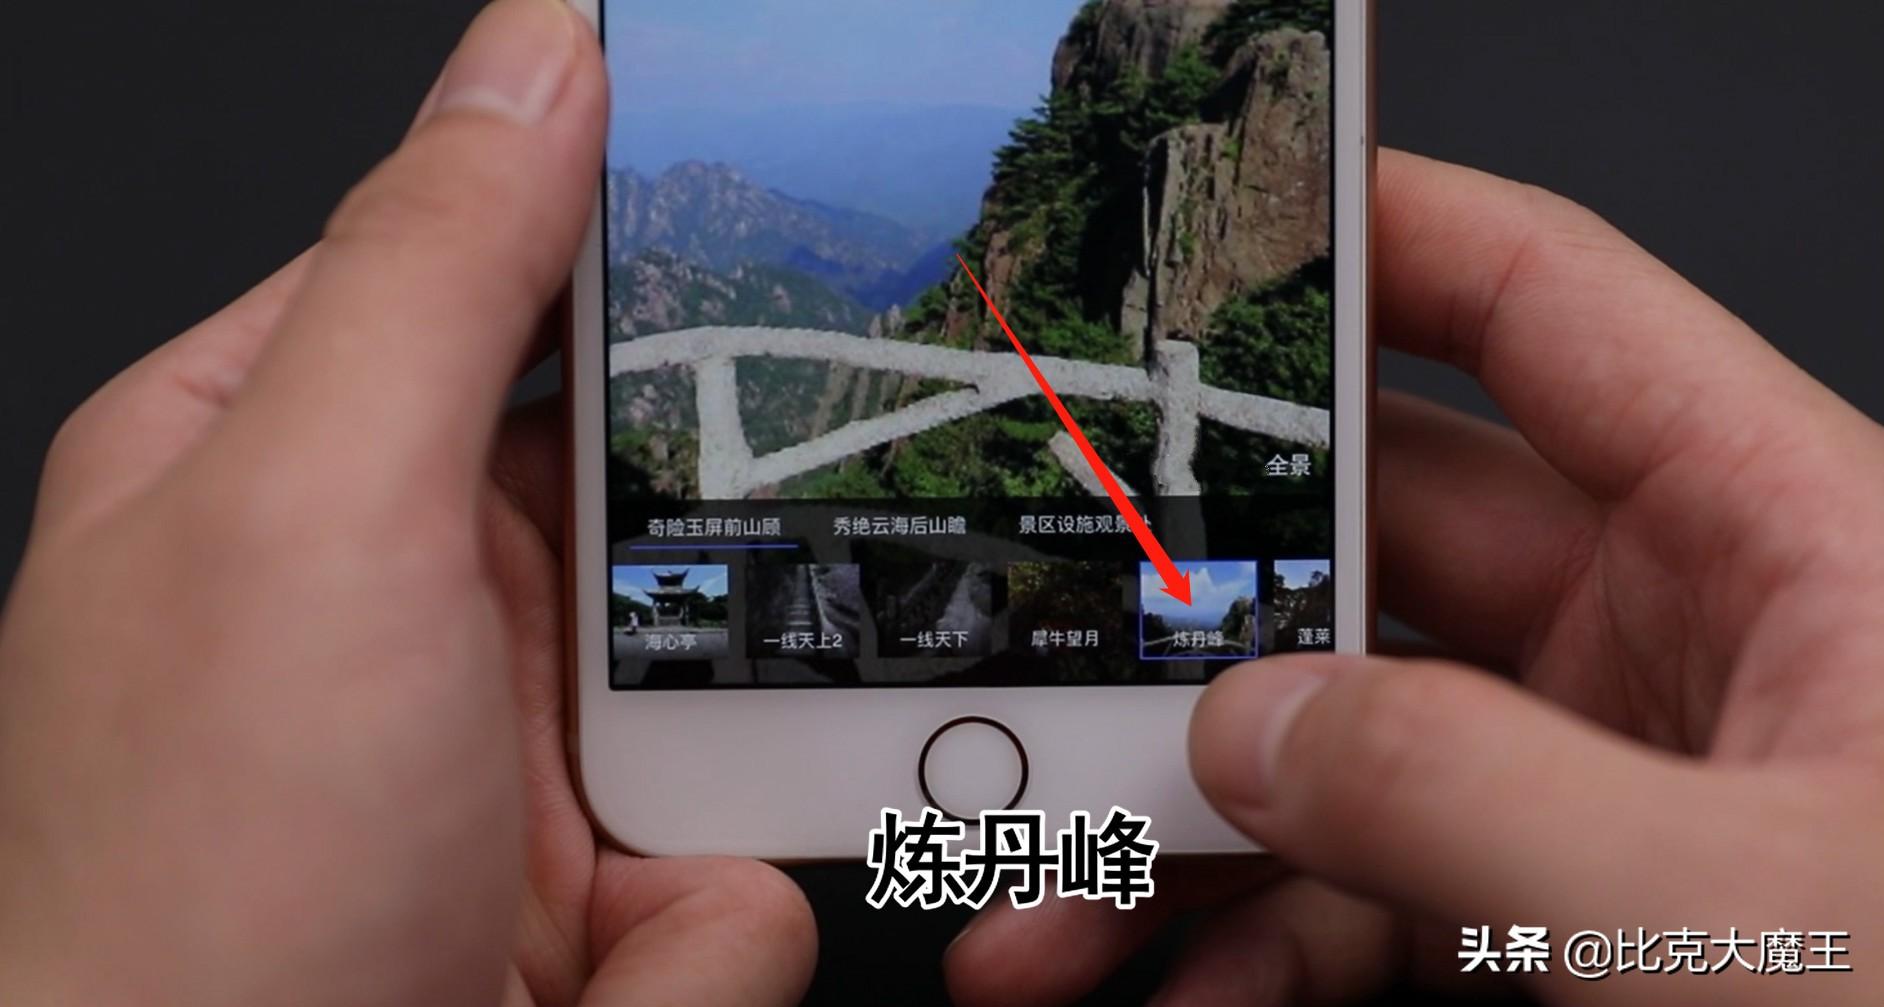 打开手机实景地图,连你家门口都可以清晰看到,方便又好用 家务 第20张